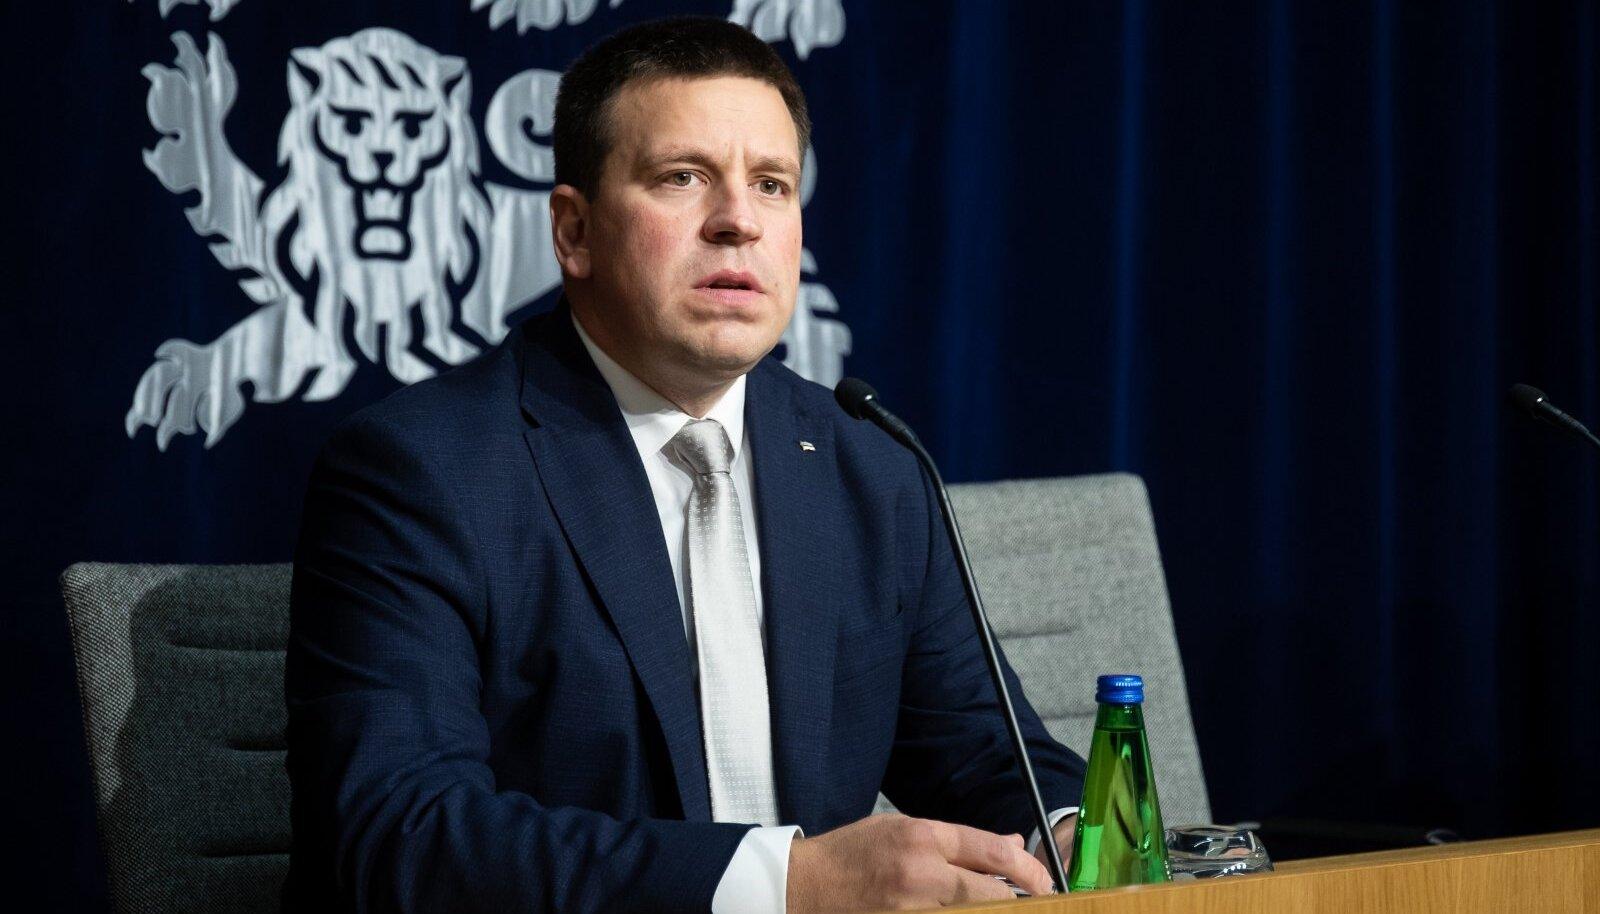 Valitsuse pressikonverents ühendministeeriumis 24.09.2020